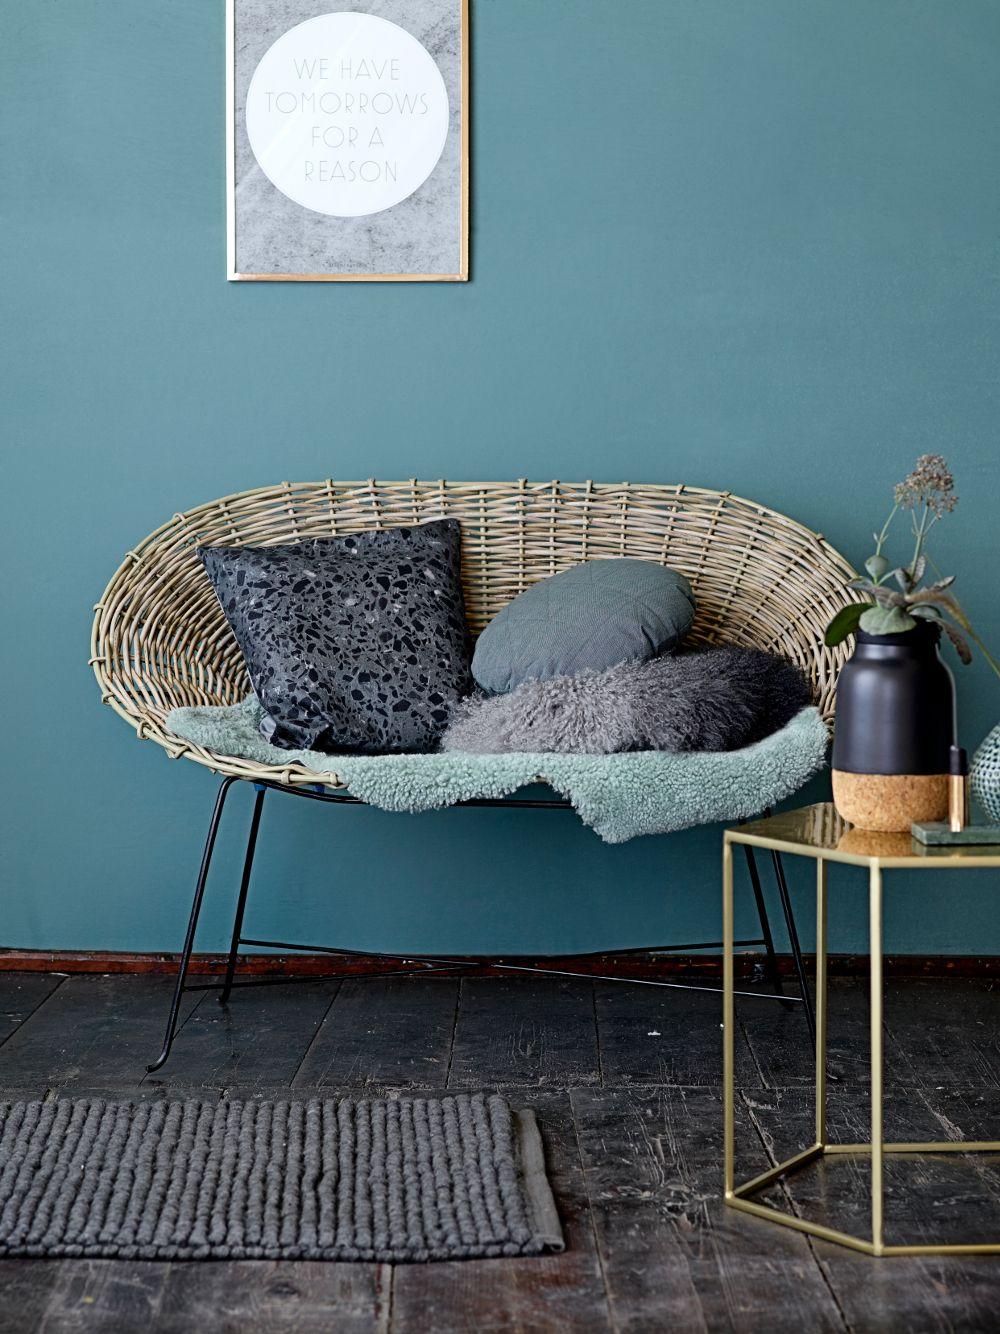 Zo'n kleur blauw als deze op de muur combineert prachtig met goud, kurk of koper #bloomingville #blue